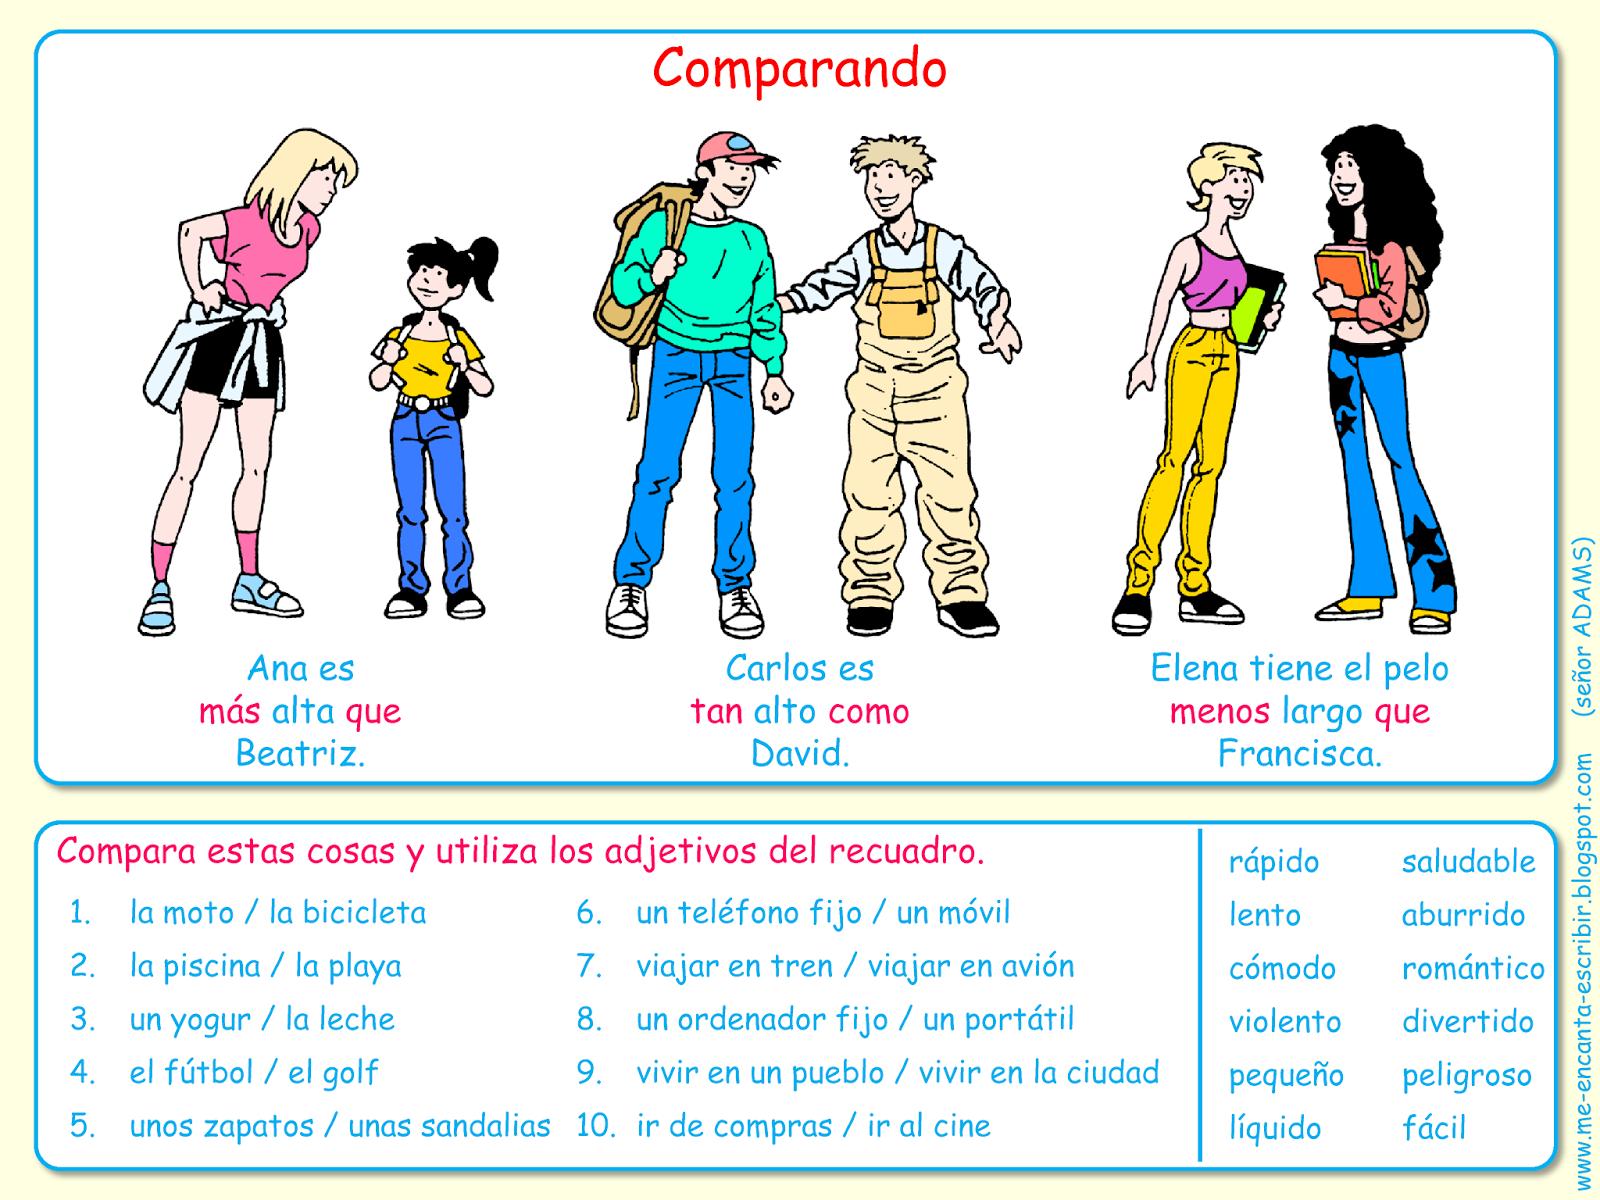 Me Encanta Escribir En Espanol Comparando Los